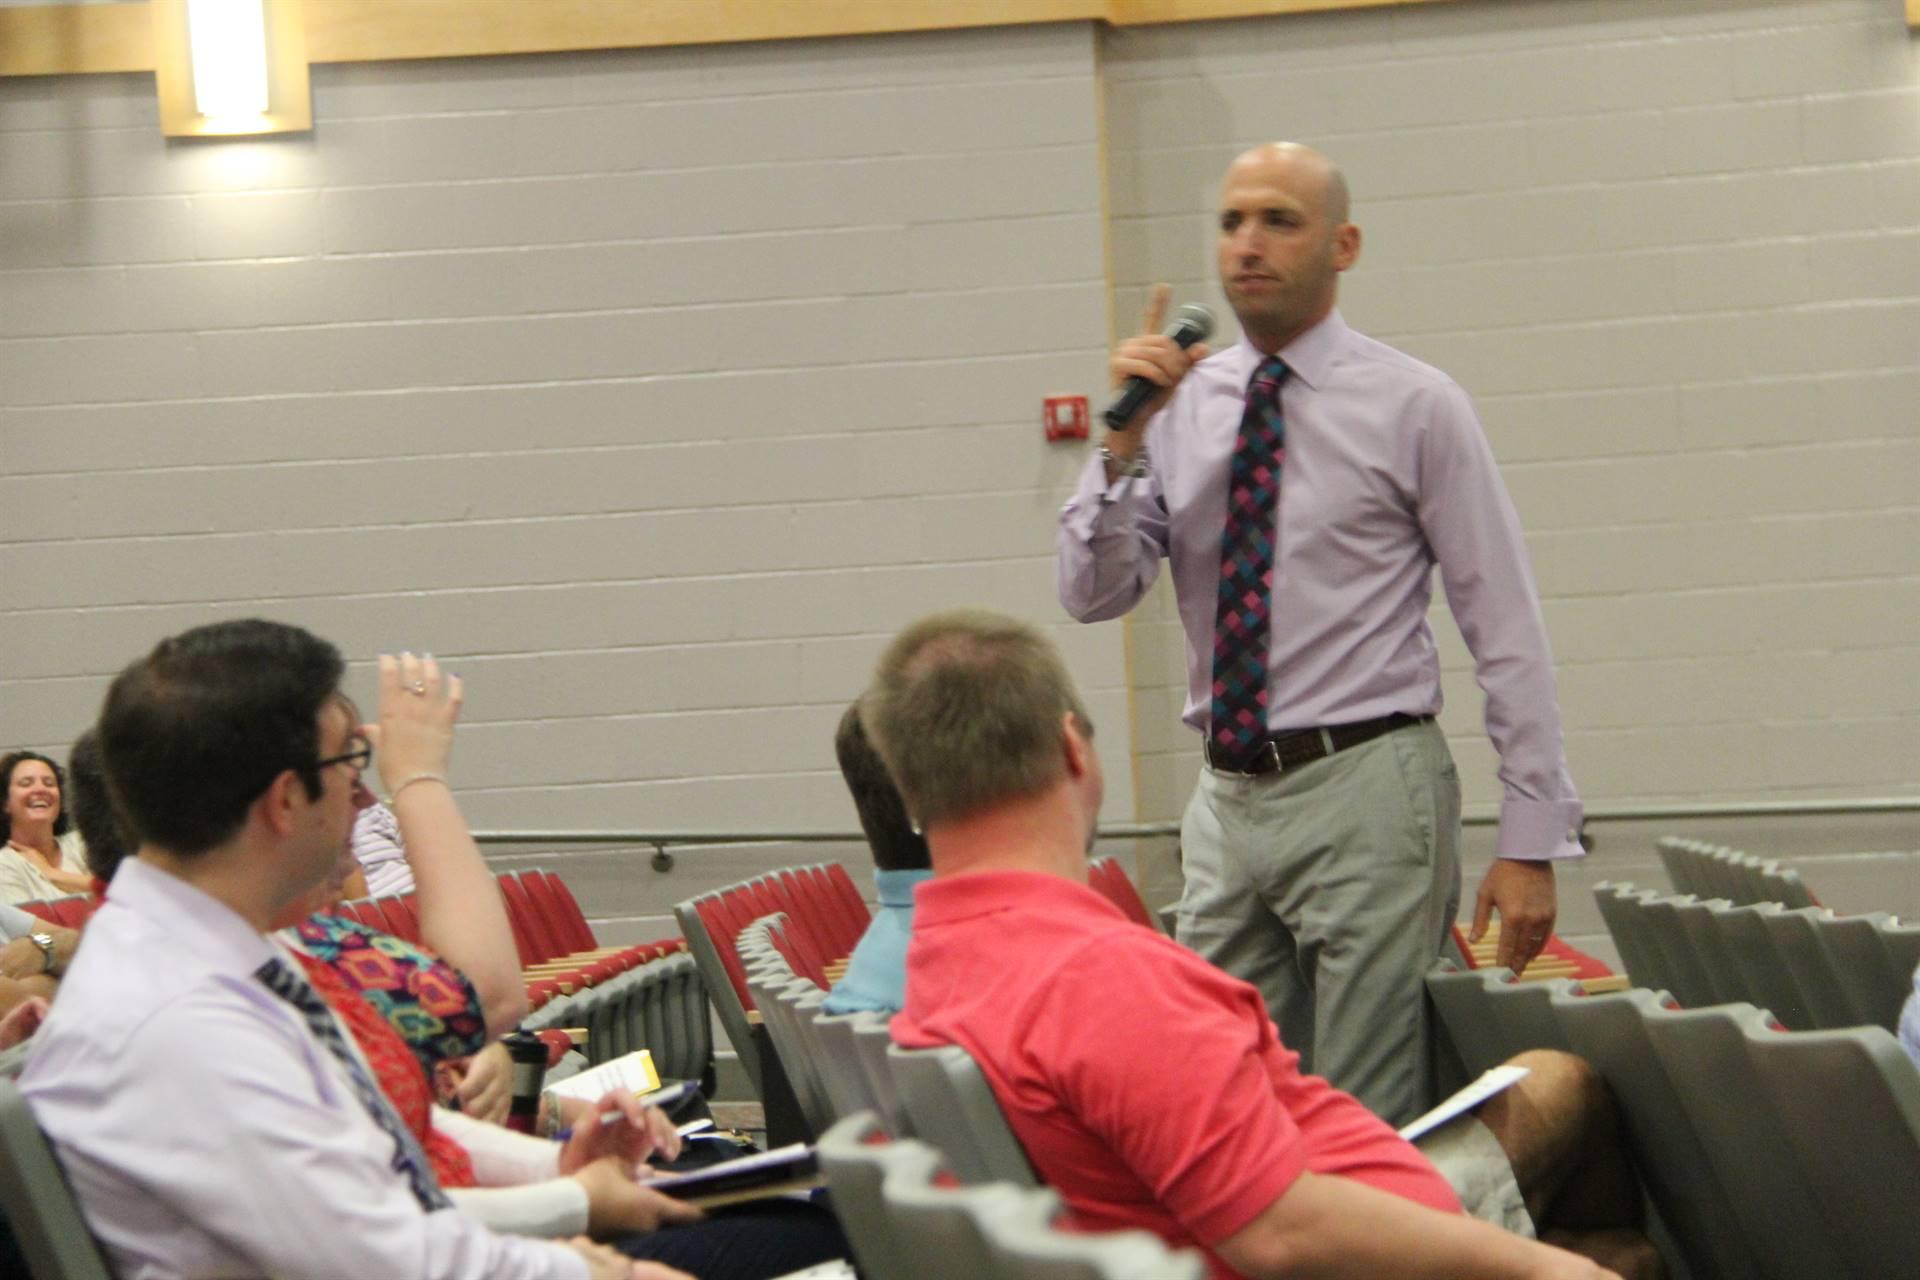 eynote speaker brian mendler speaking with staff